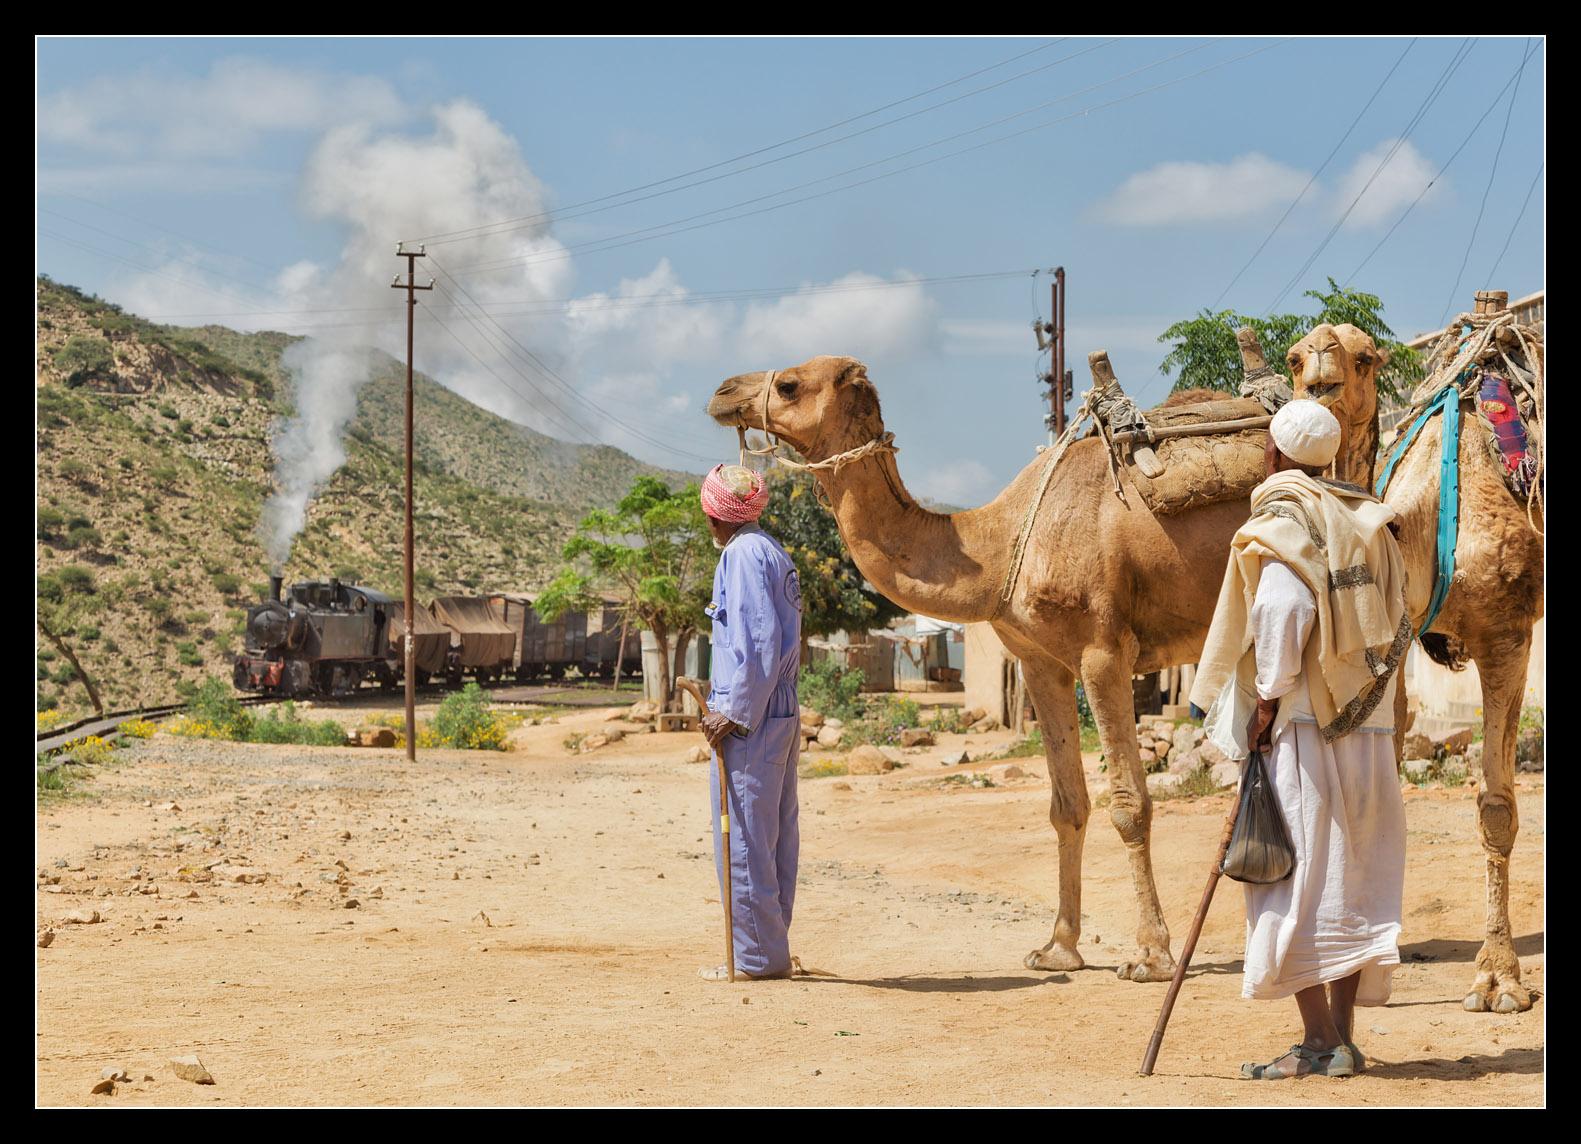 http://raildata.info/eritrea18/eri0739.jpg